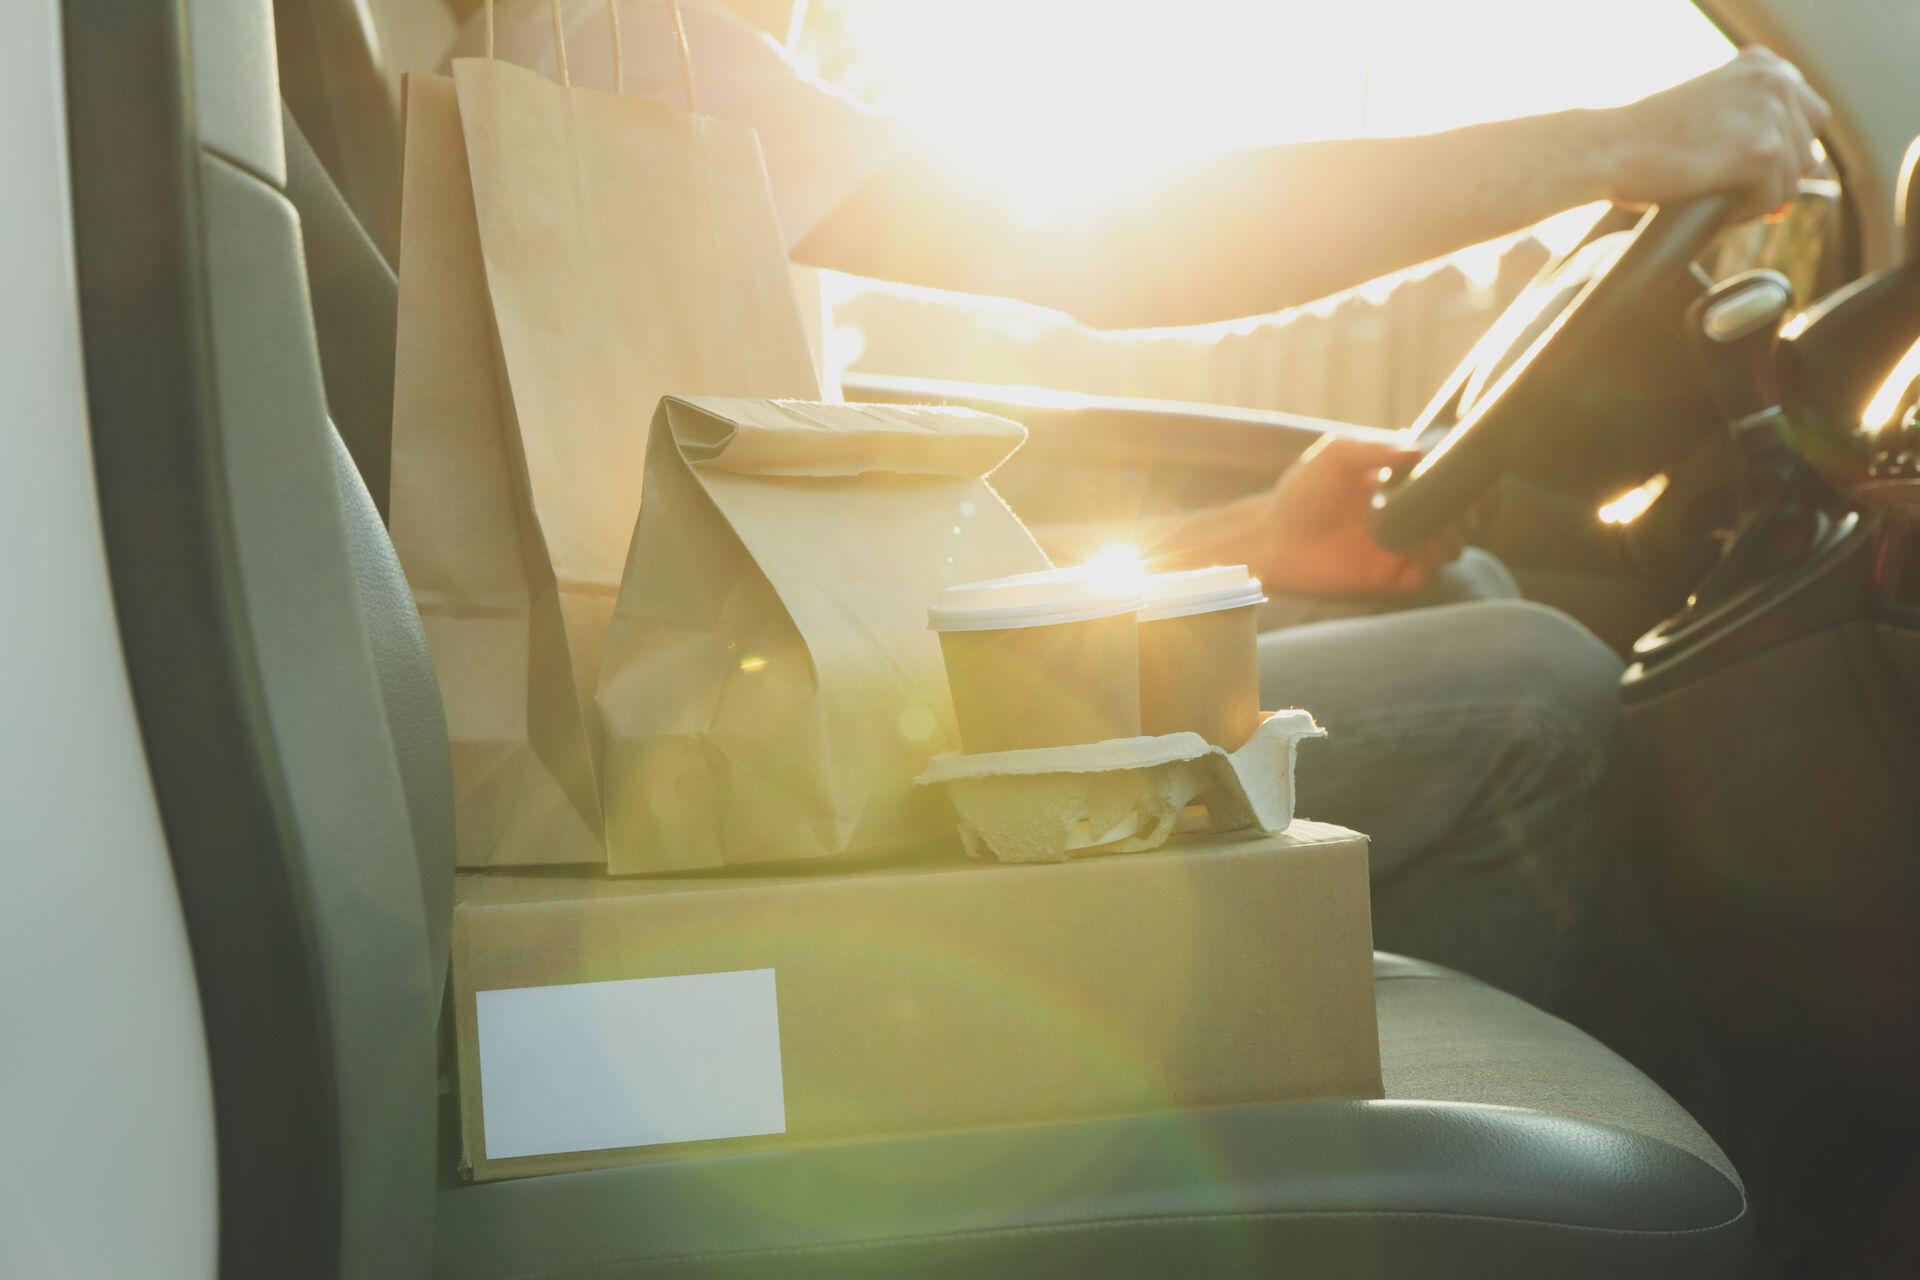 Lieferservice Essen in braunen Päckchen auf Beifahrerseitz